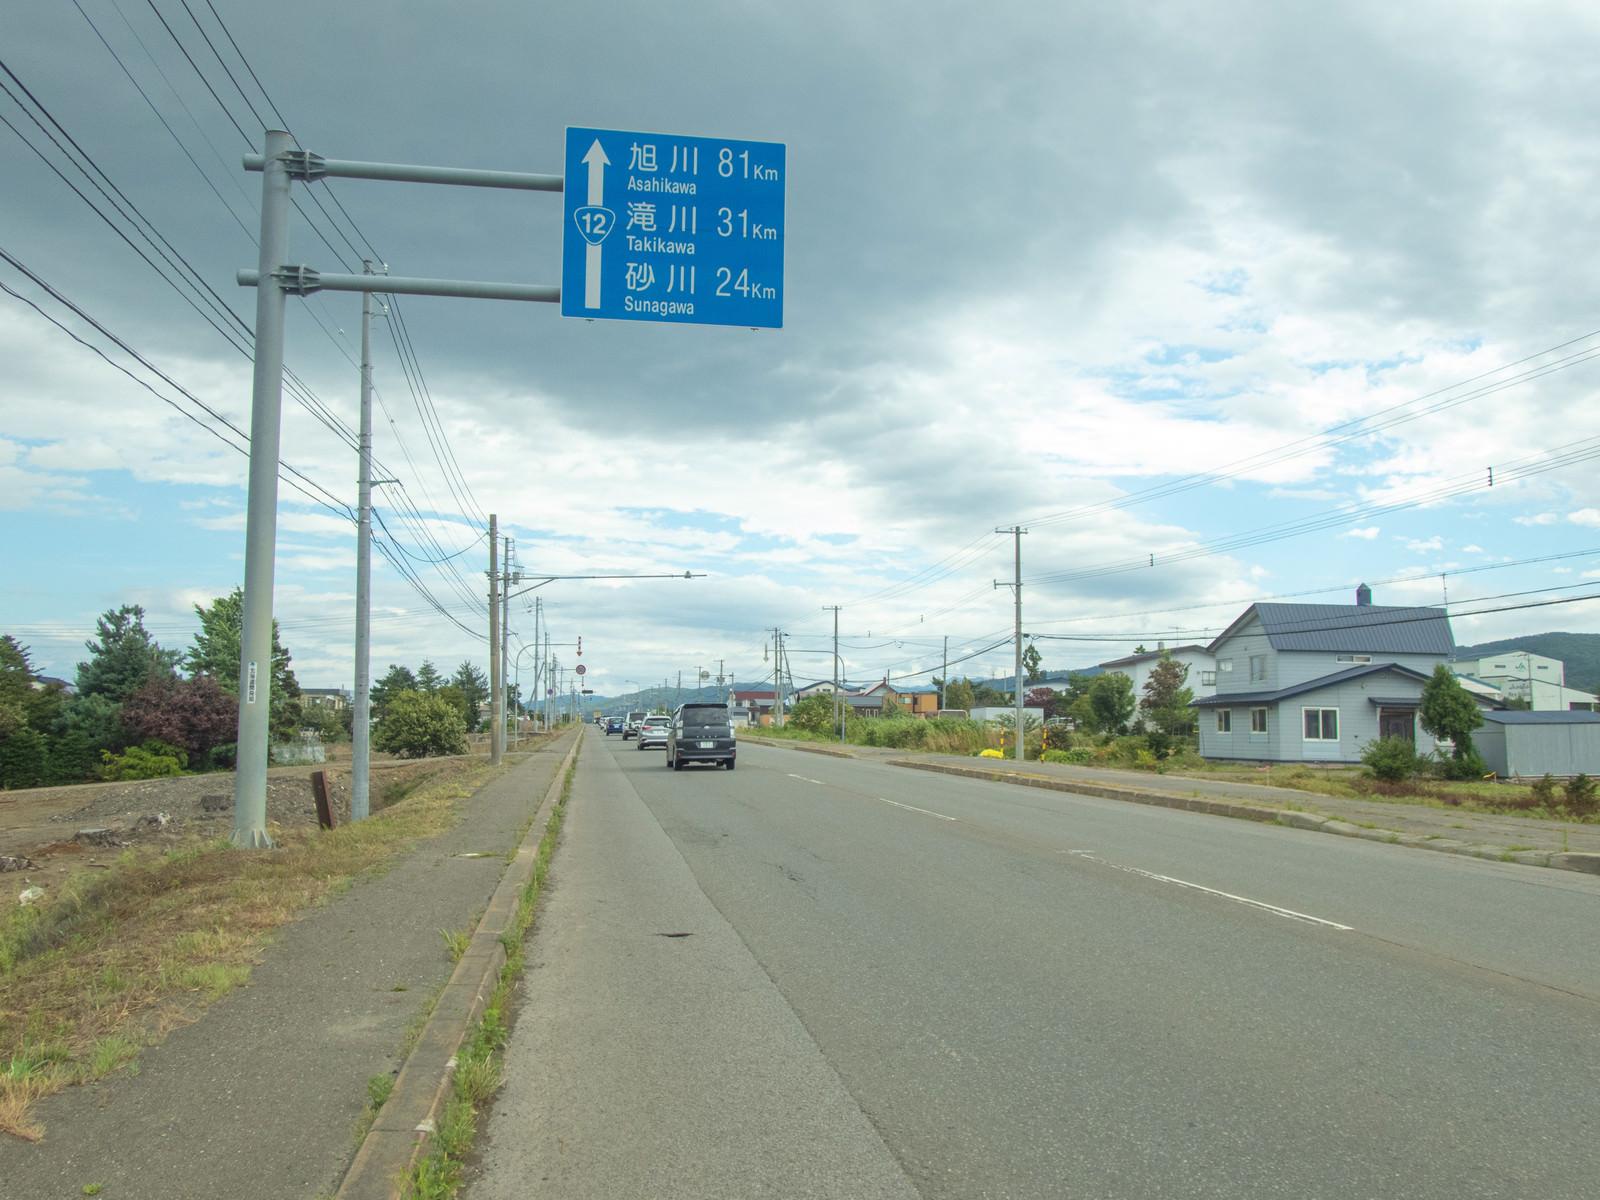 日本一の直線道路 美唄市の国道12号の写真(画像)|フリー素材「ぱく ...